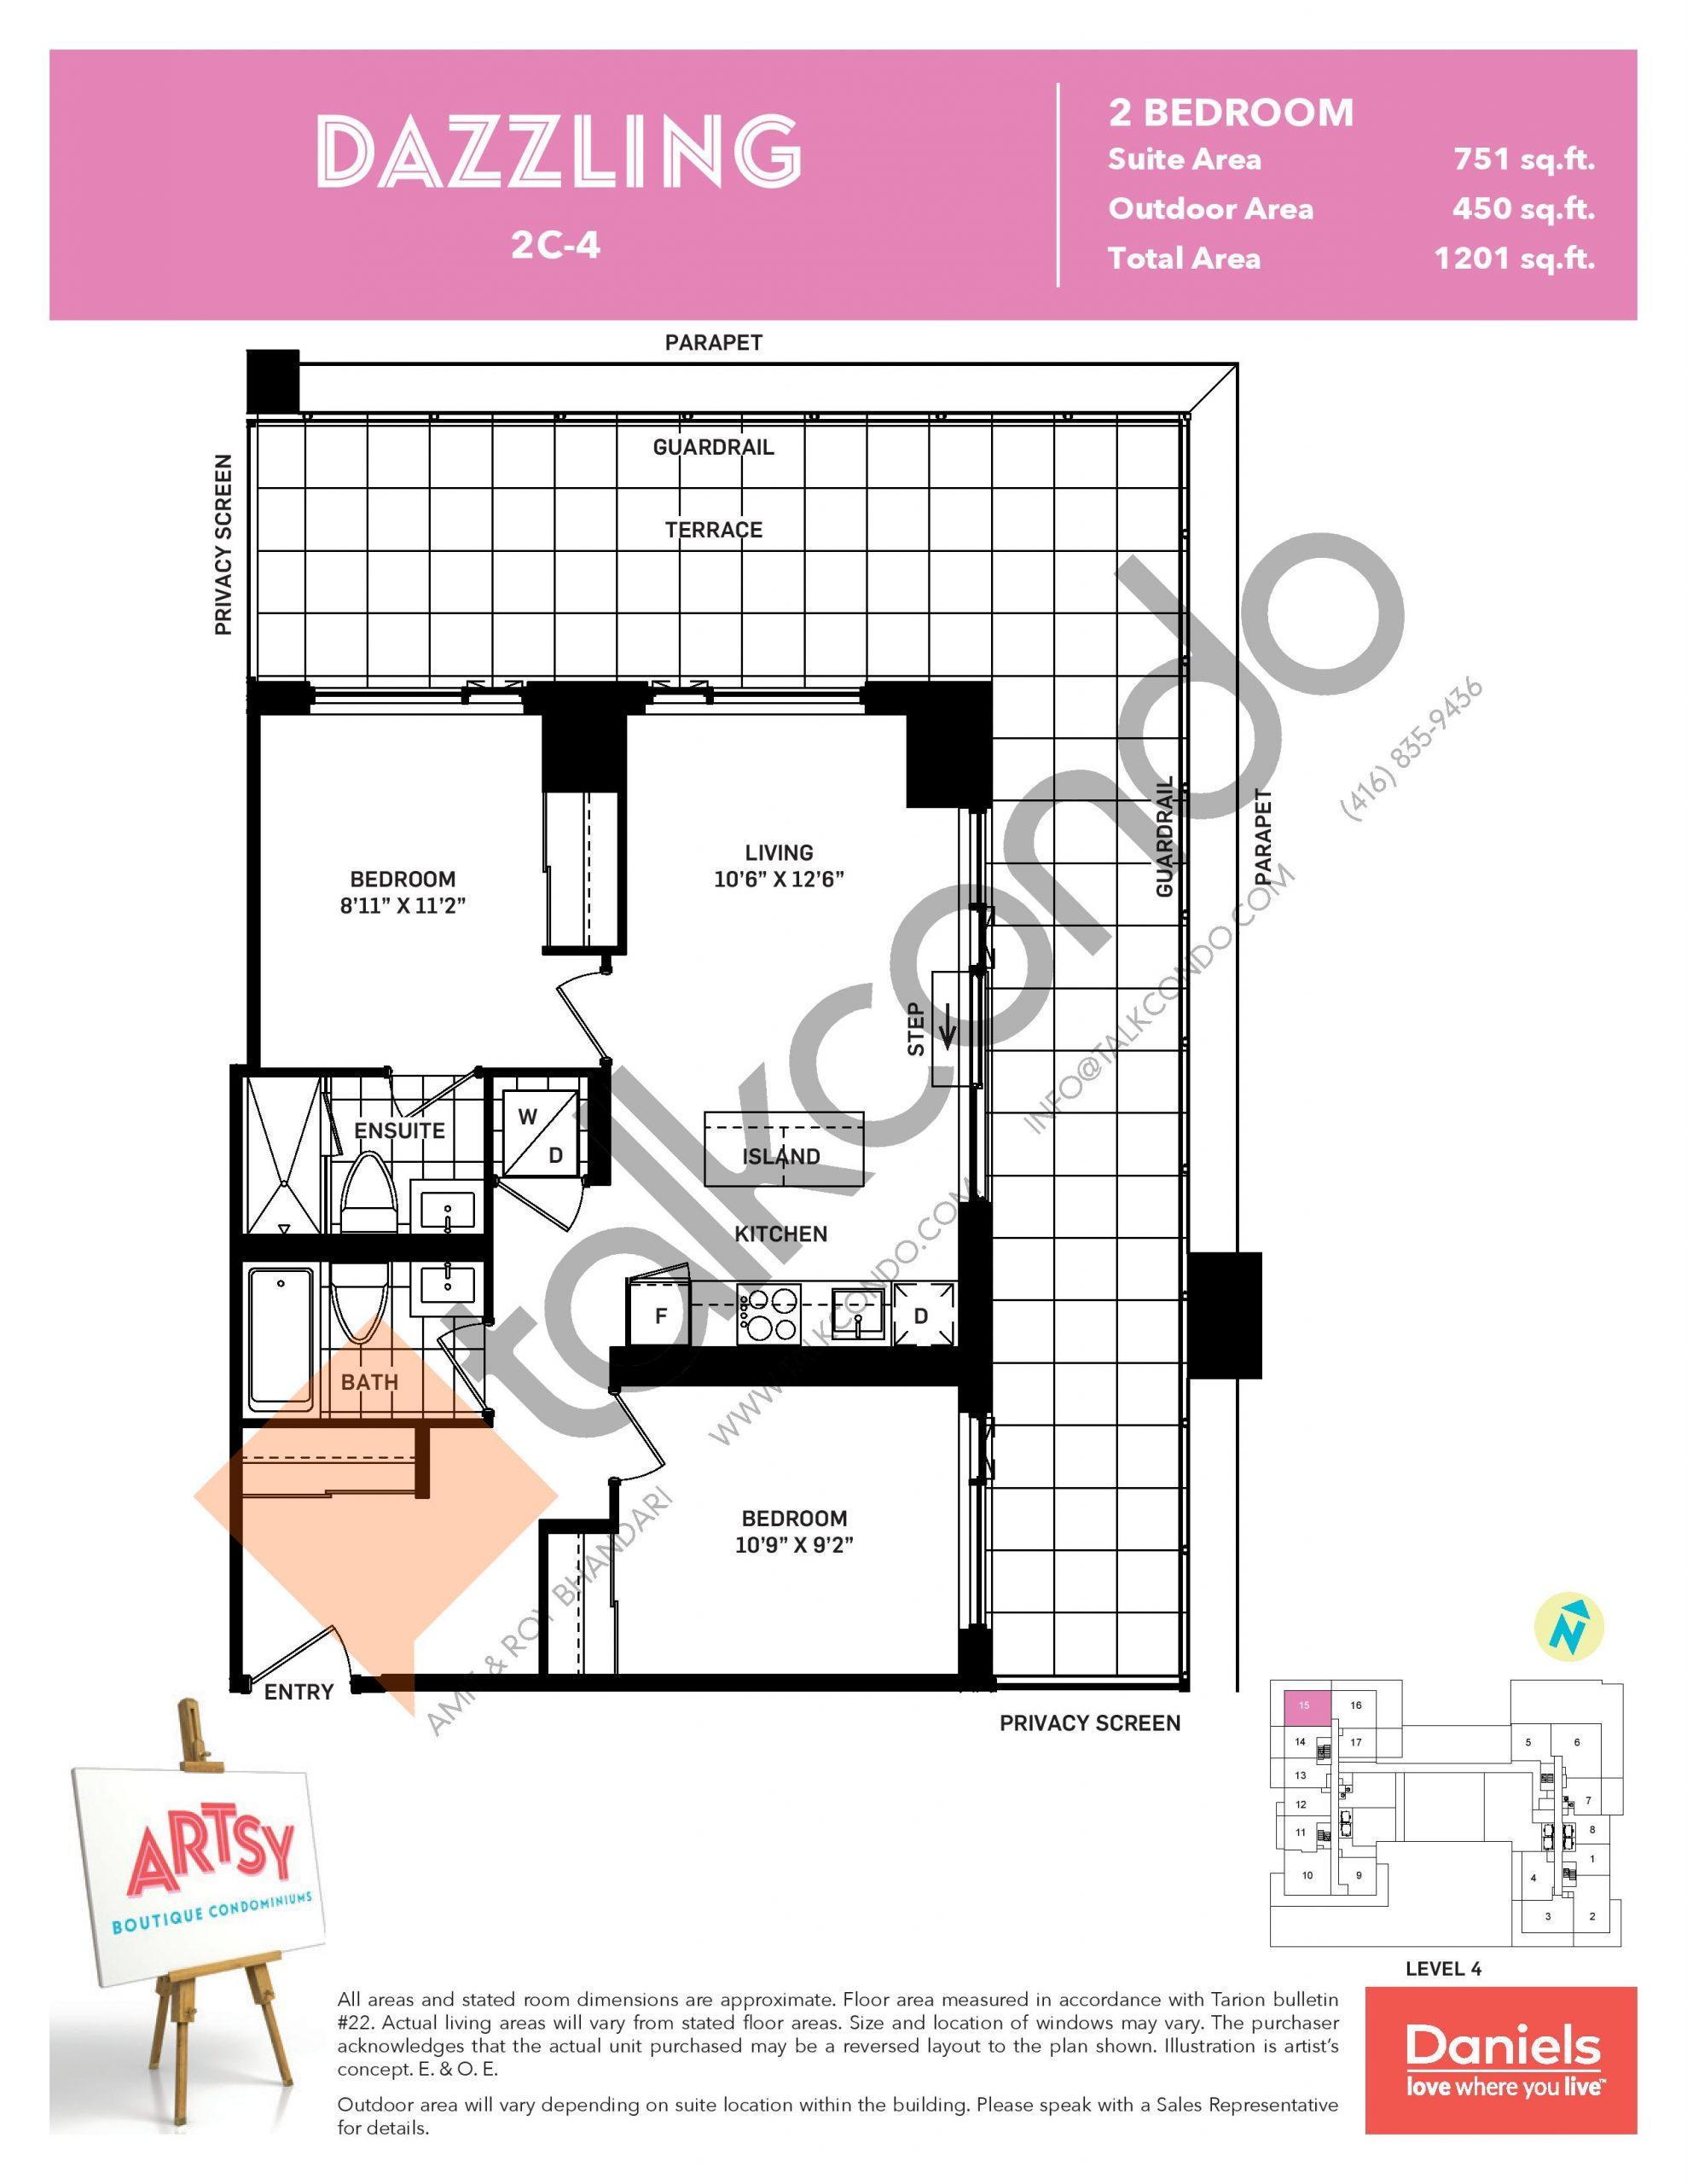 Dazzling Floor Plan at Artsy Boutique Condos - 751 sq.ft